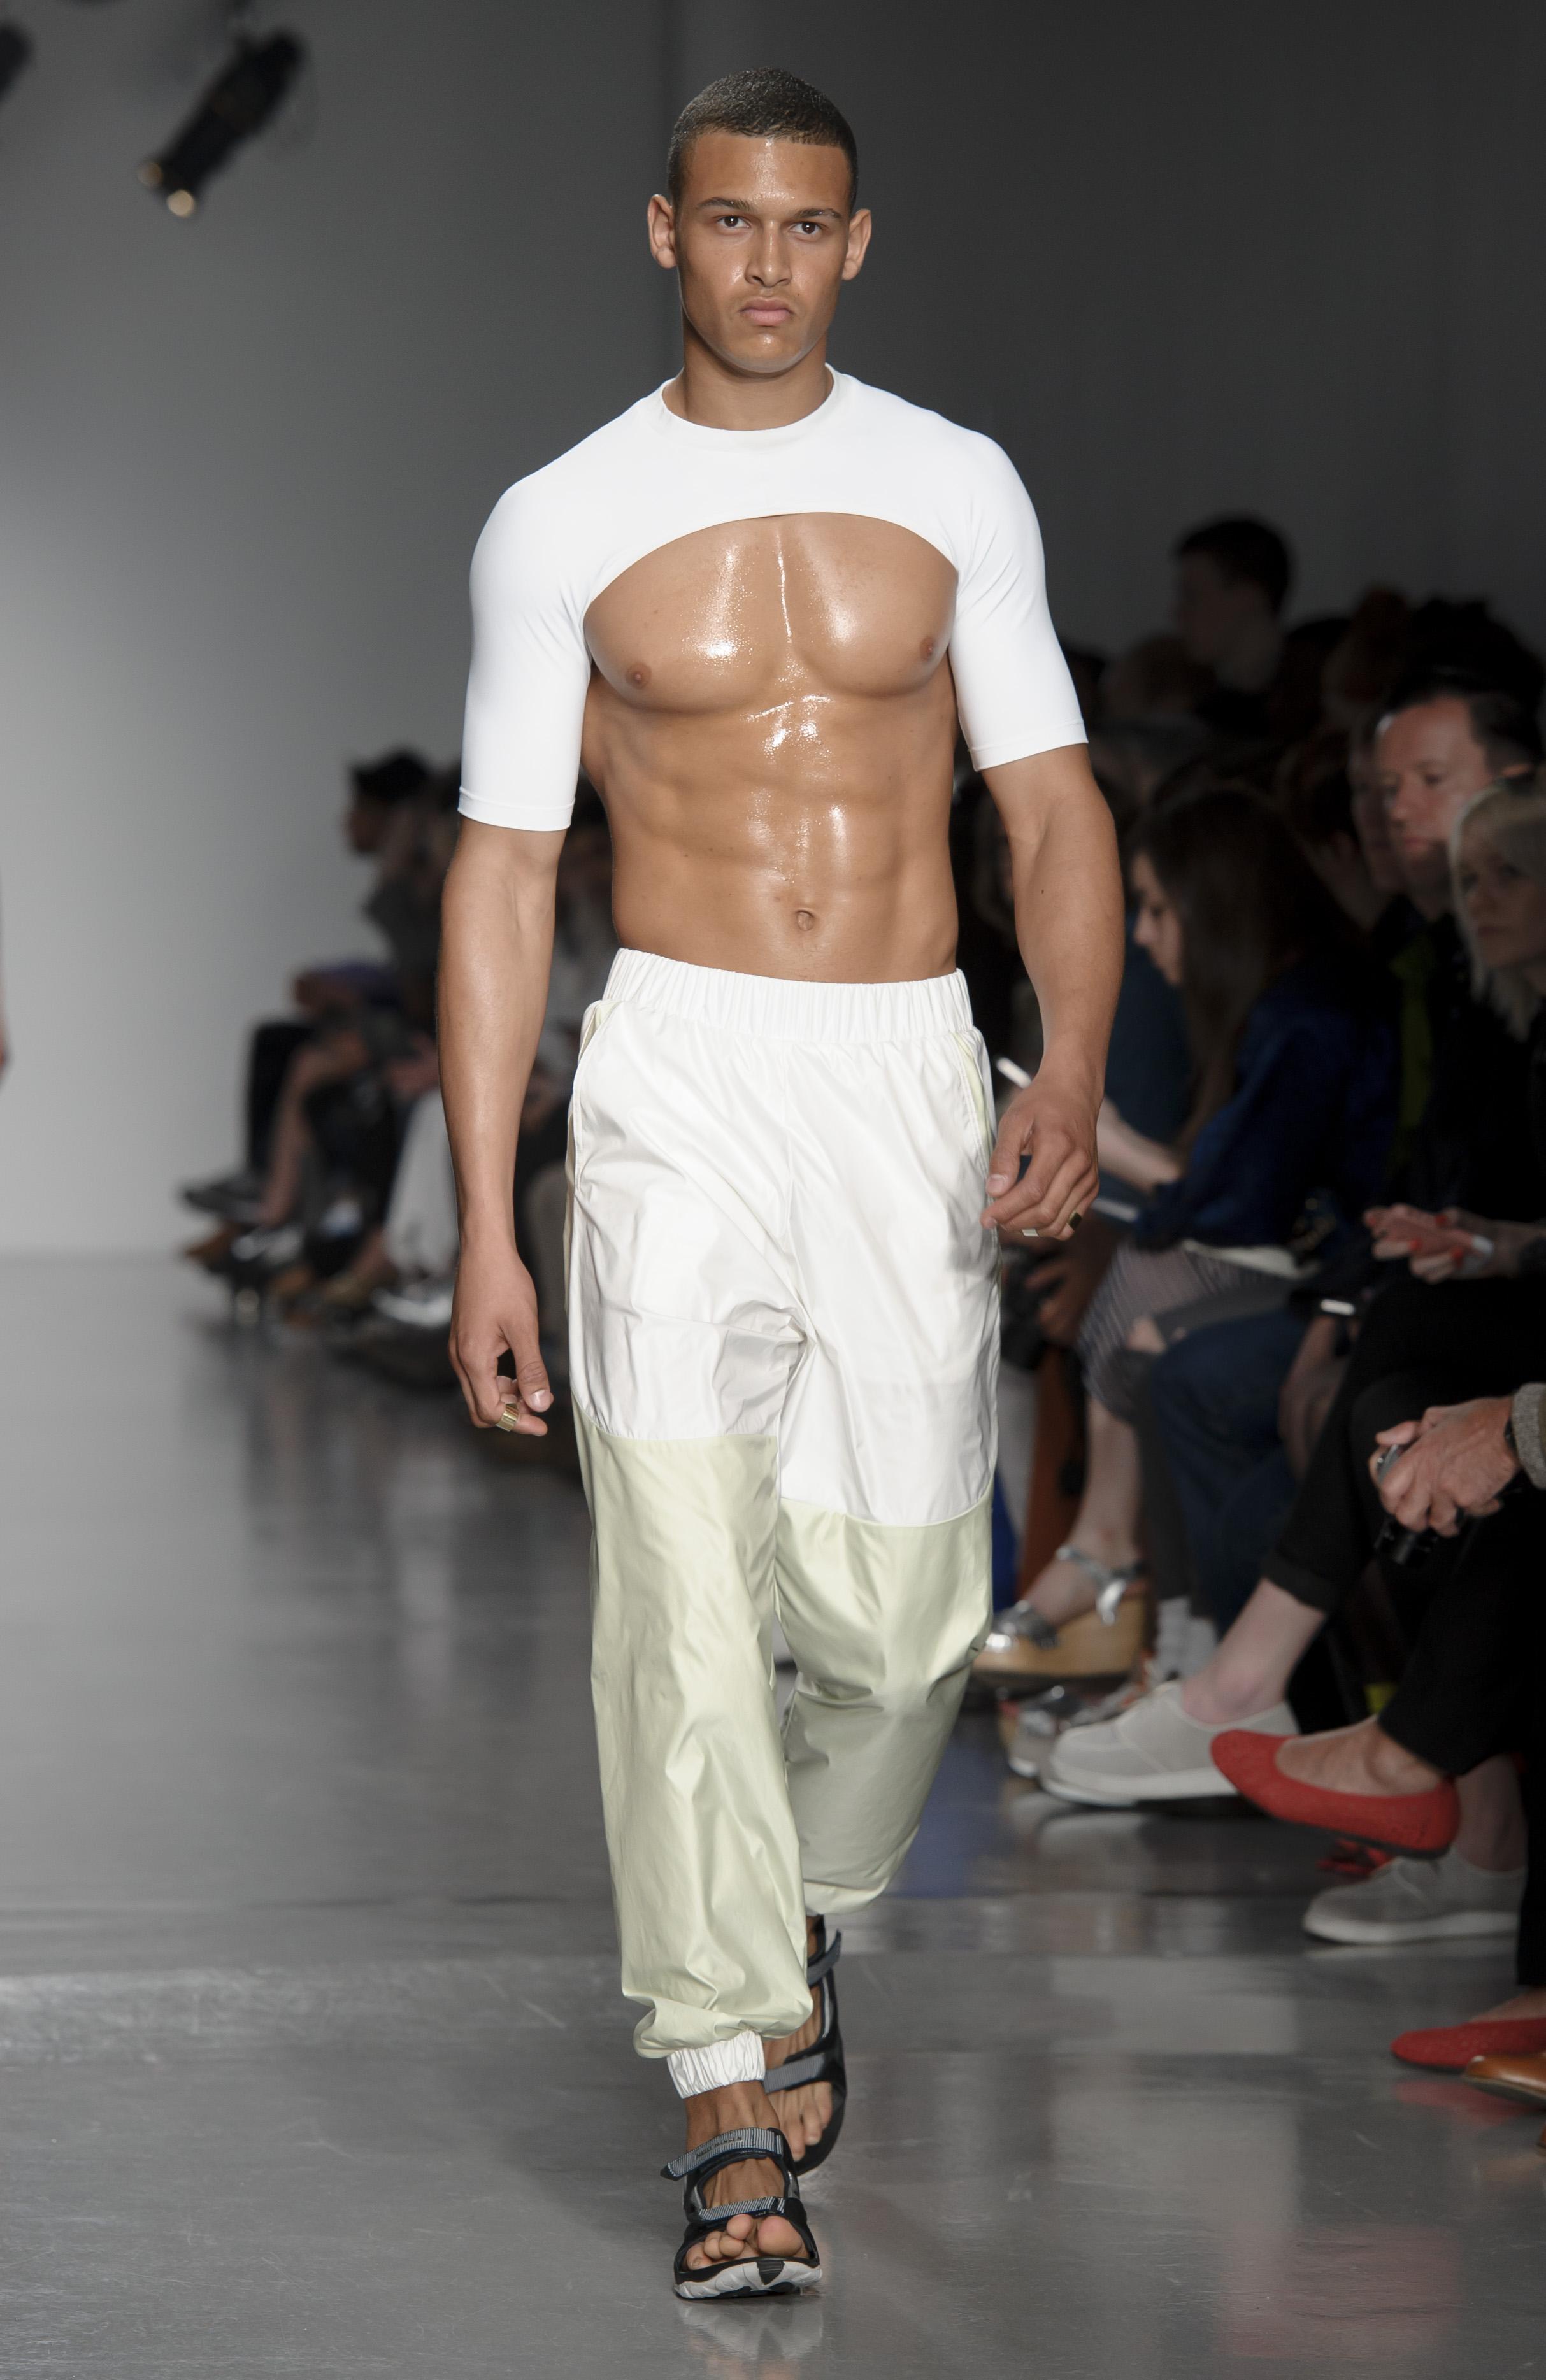 Короткие топы в моде и у мужчин: показ Astrid Anderson весна-лето 2014